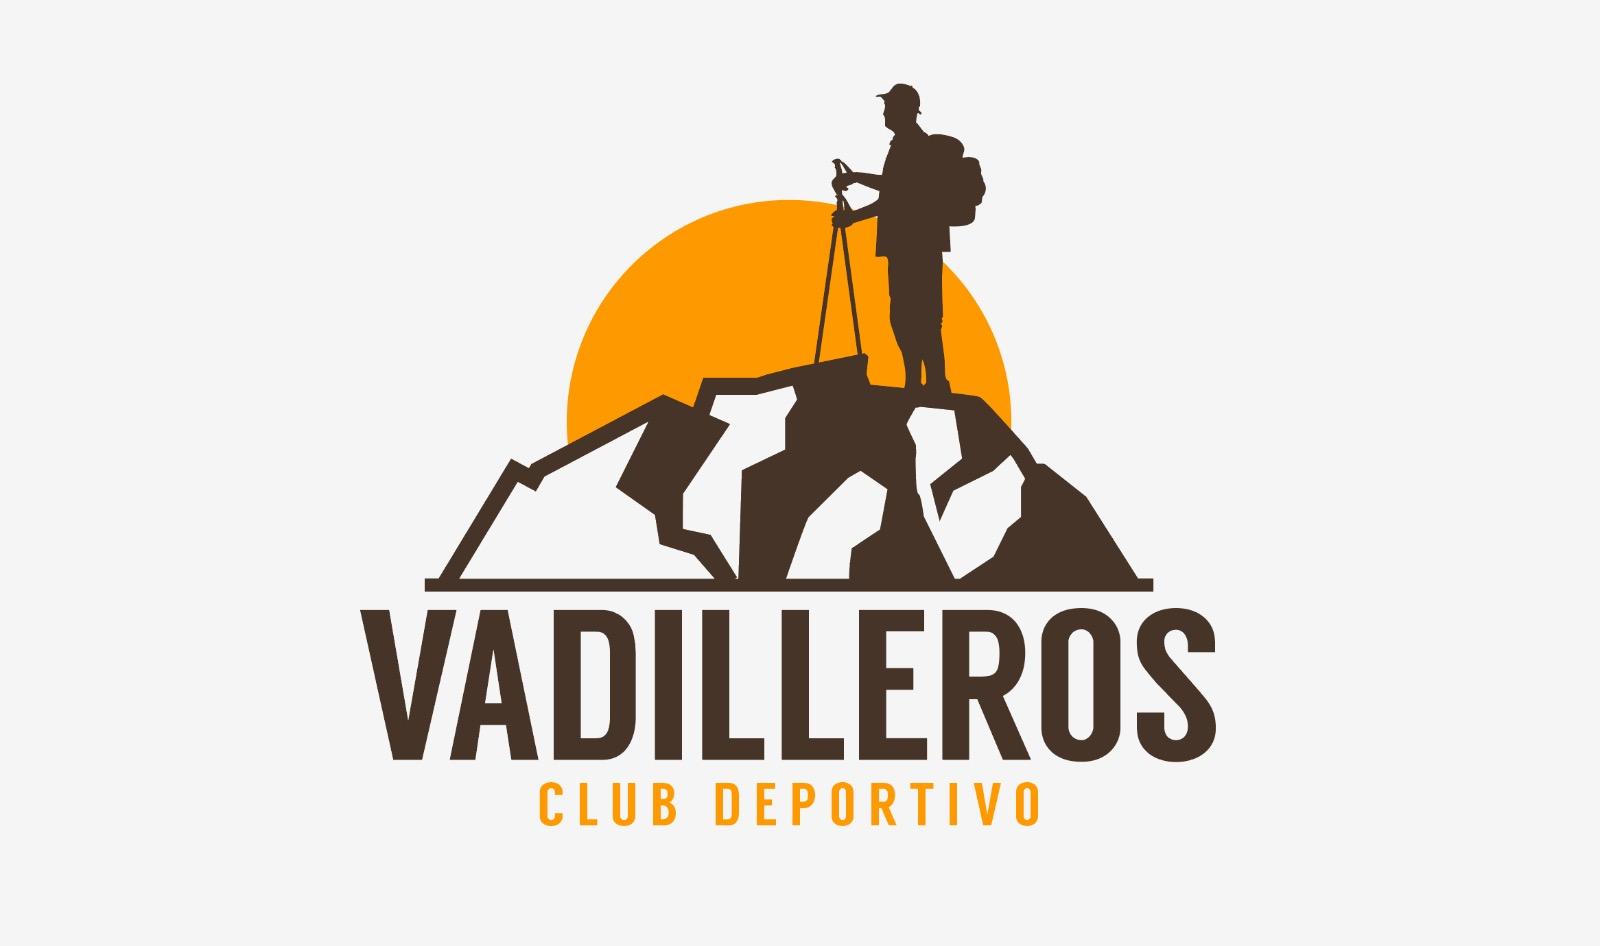 CLUB DEPORTIVO VADILLEROS